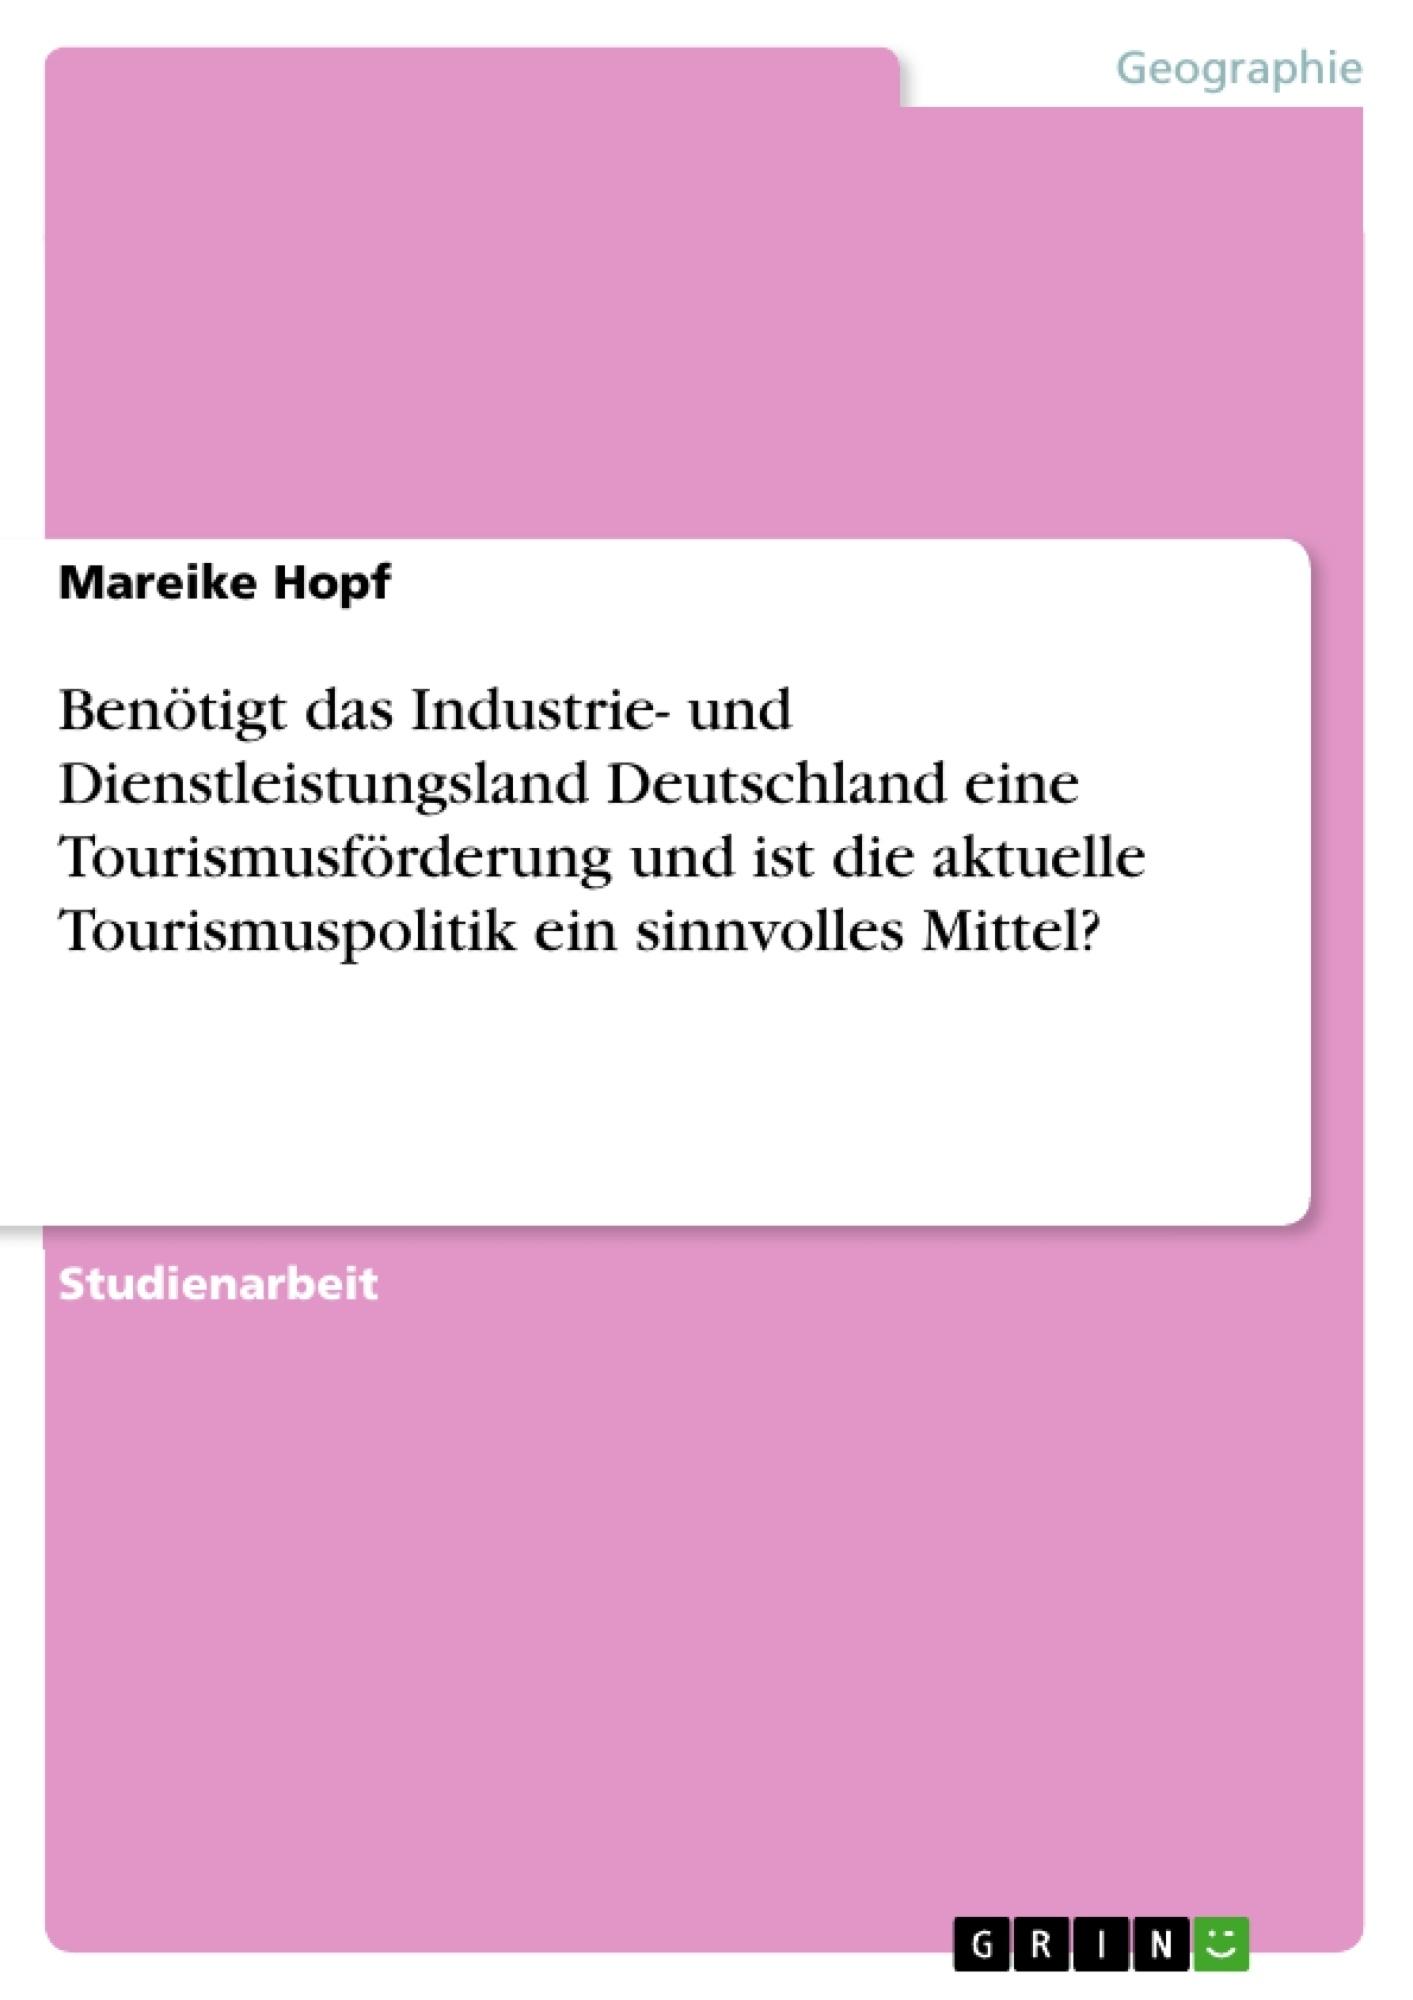 Titel: Benötigt das Industrie- und Dienstleistungsland Deutschland eine Tourismusförderung und ist die aktuelle Tourismuspolitik ein sinnvolles Mittel?